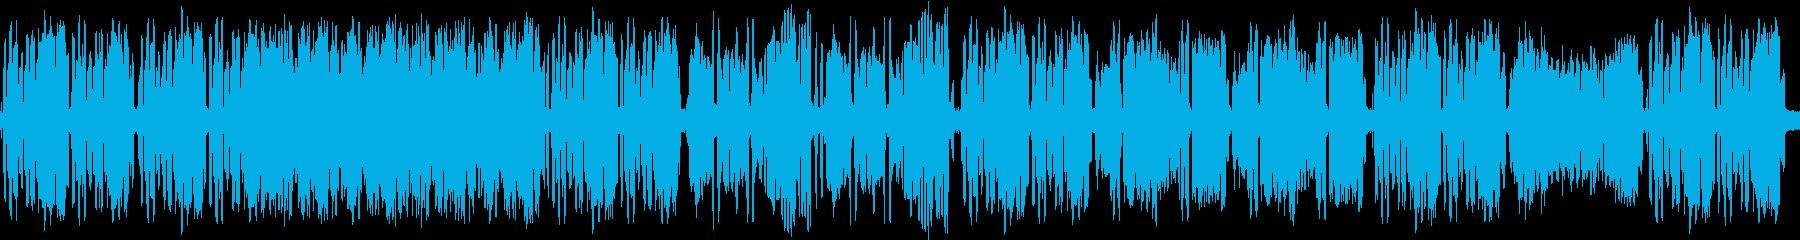 古いラジオ・ピエロ・道化・大正・レトロの再生済みの波形